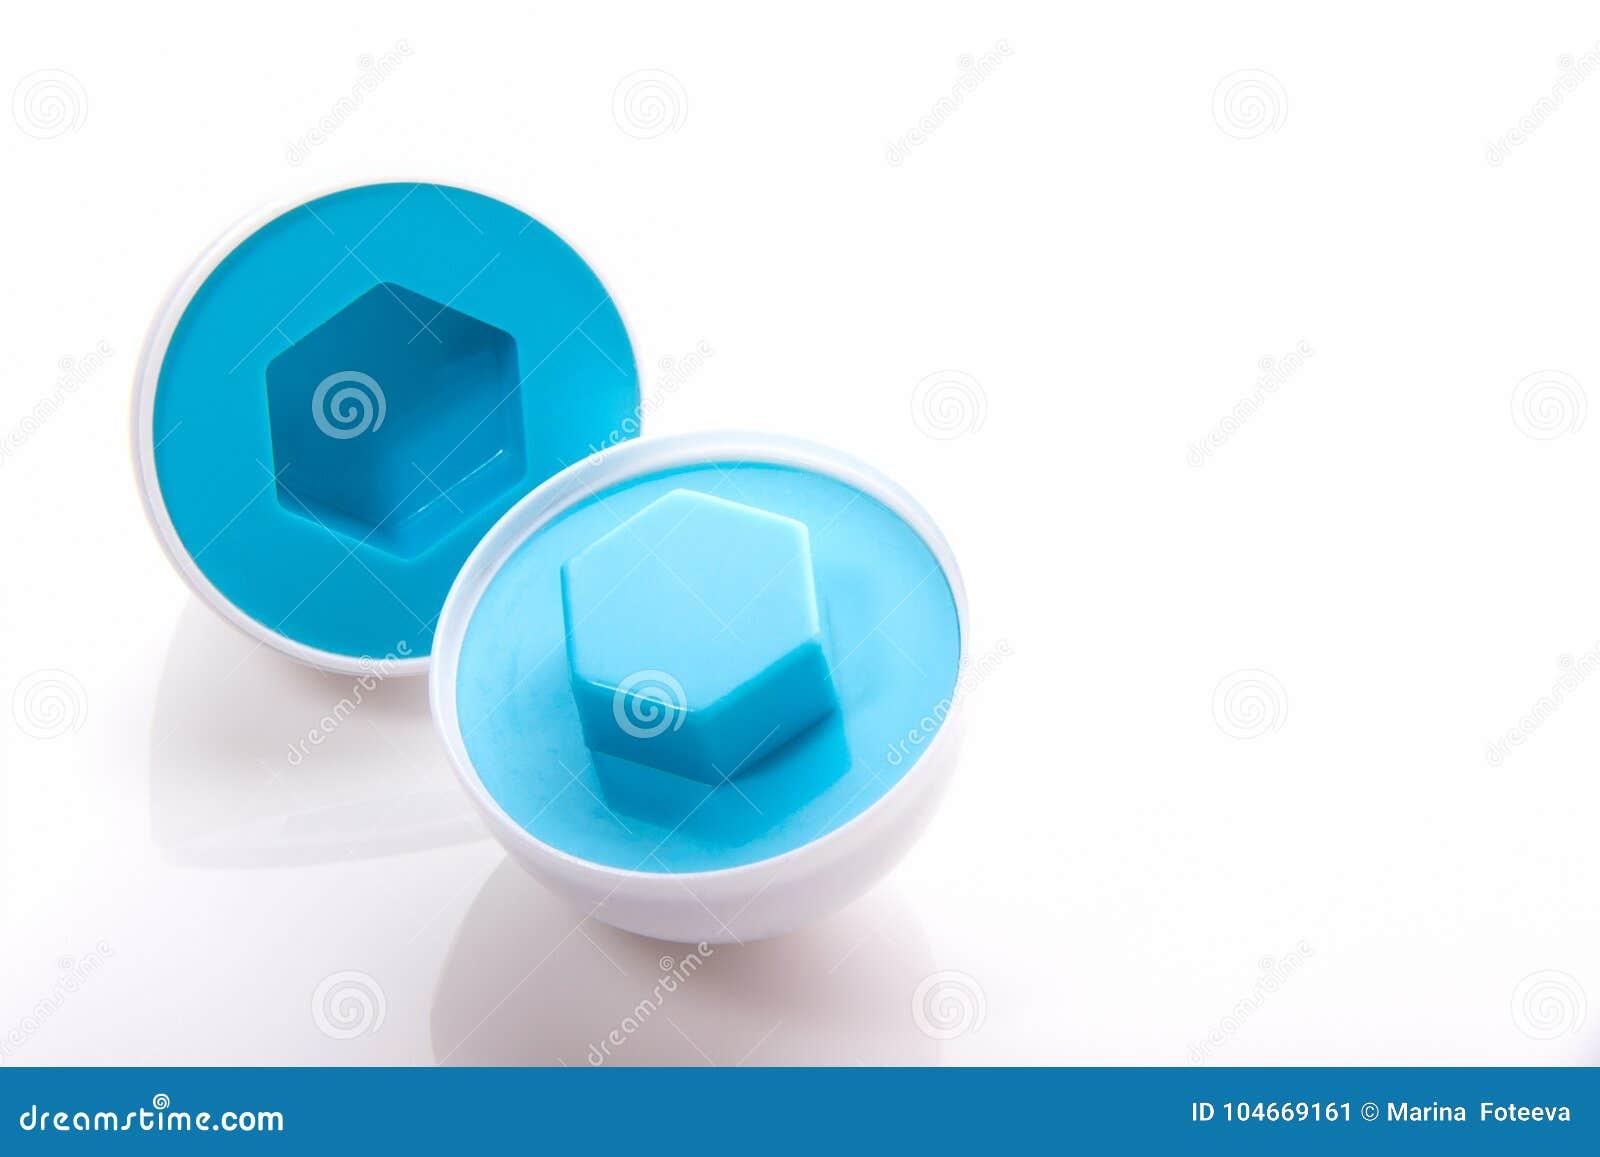 Inerente Ideal puzzle inerente allo sviluppo dell'uovo di plastica di colore blu